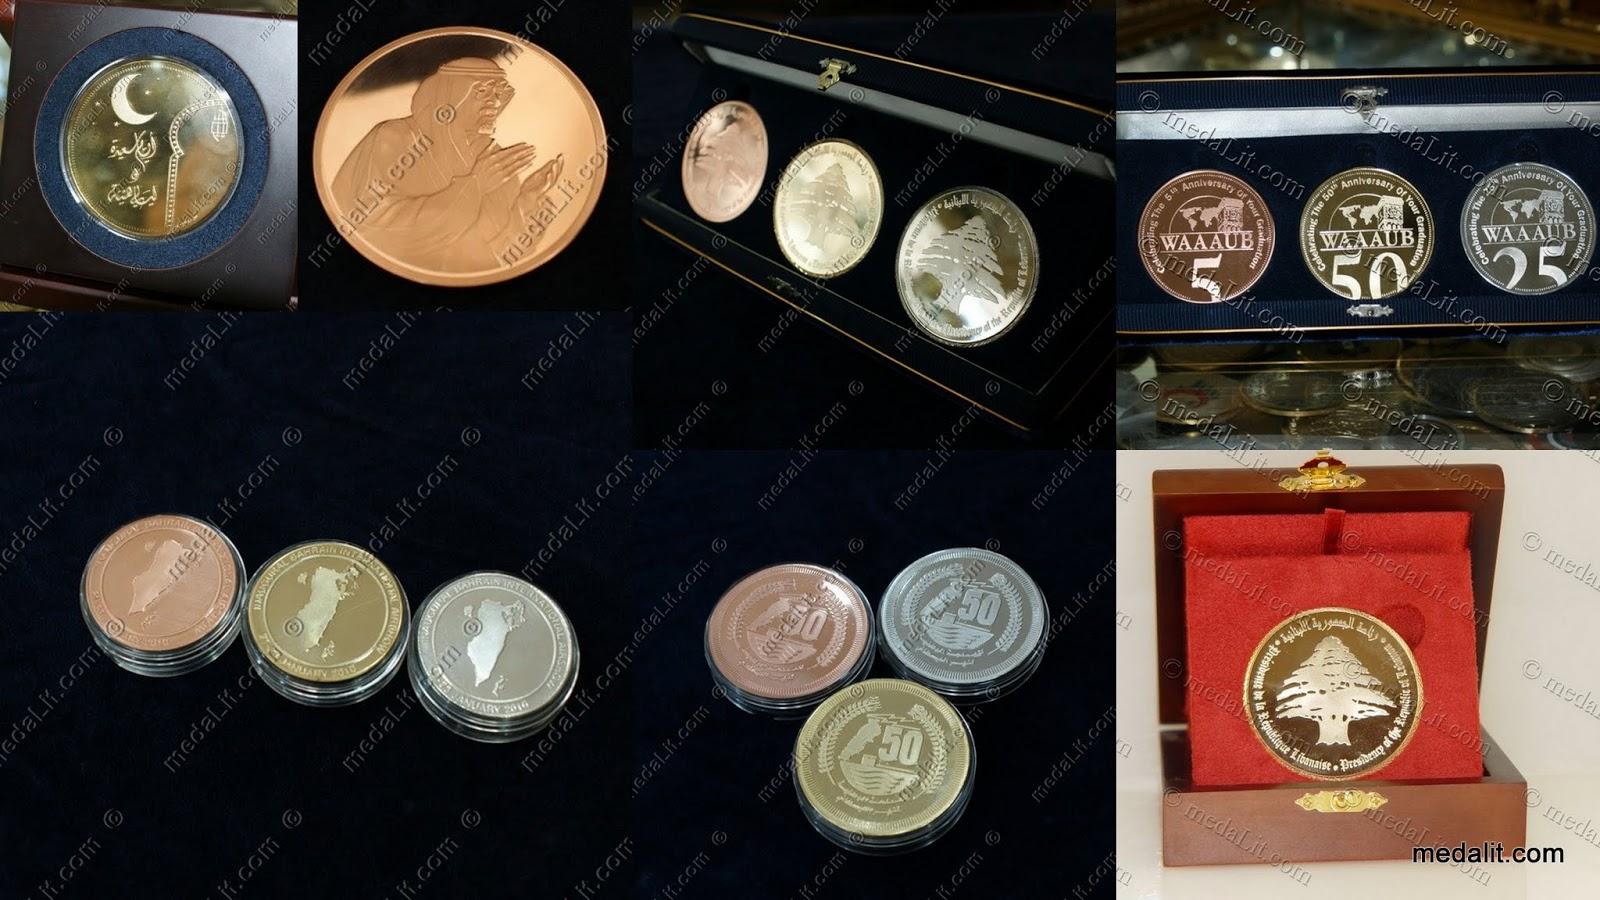 العبسي ميداليات فاخرة: شبه prrof و3D ميداليات الإغاثة قاعدة